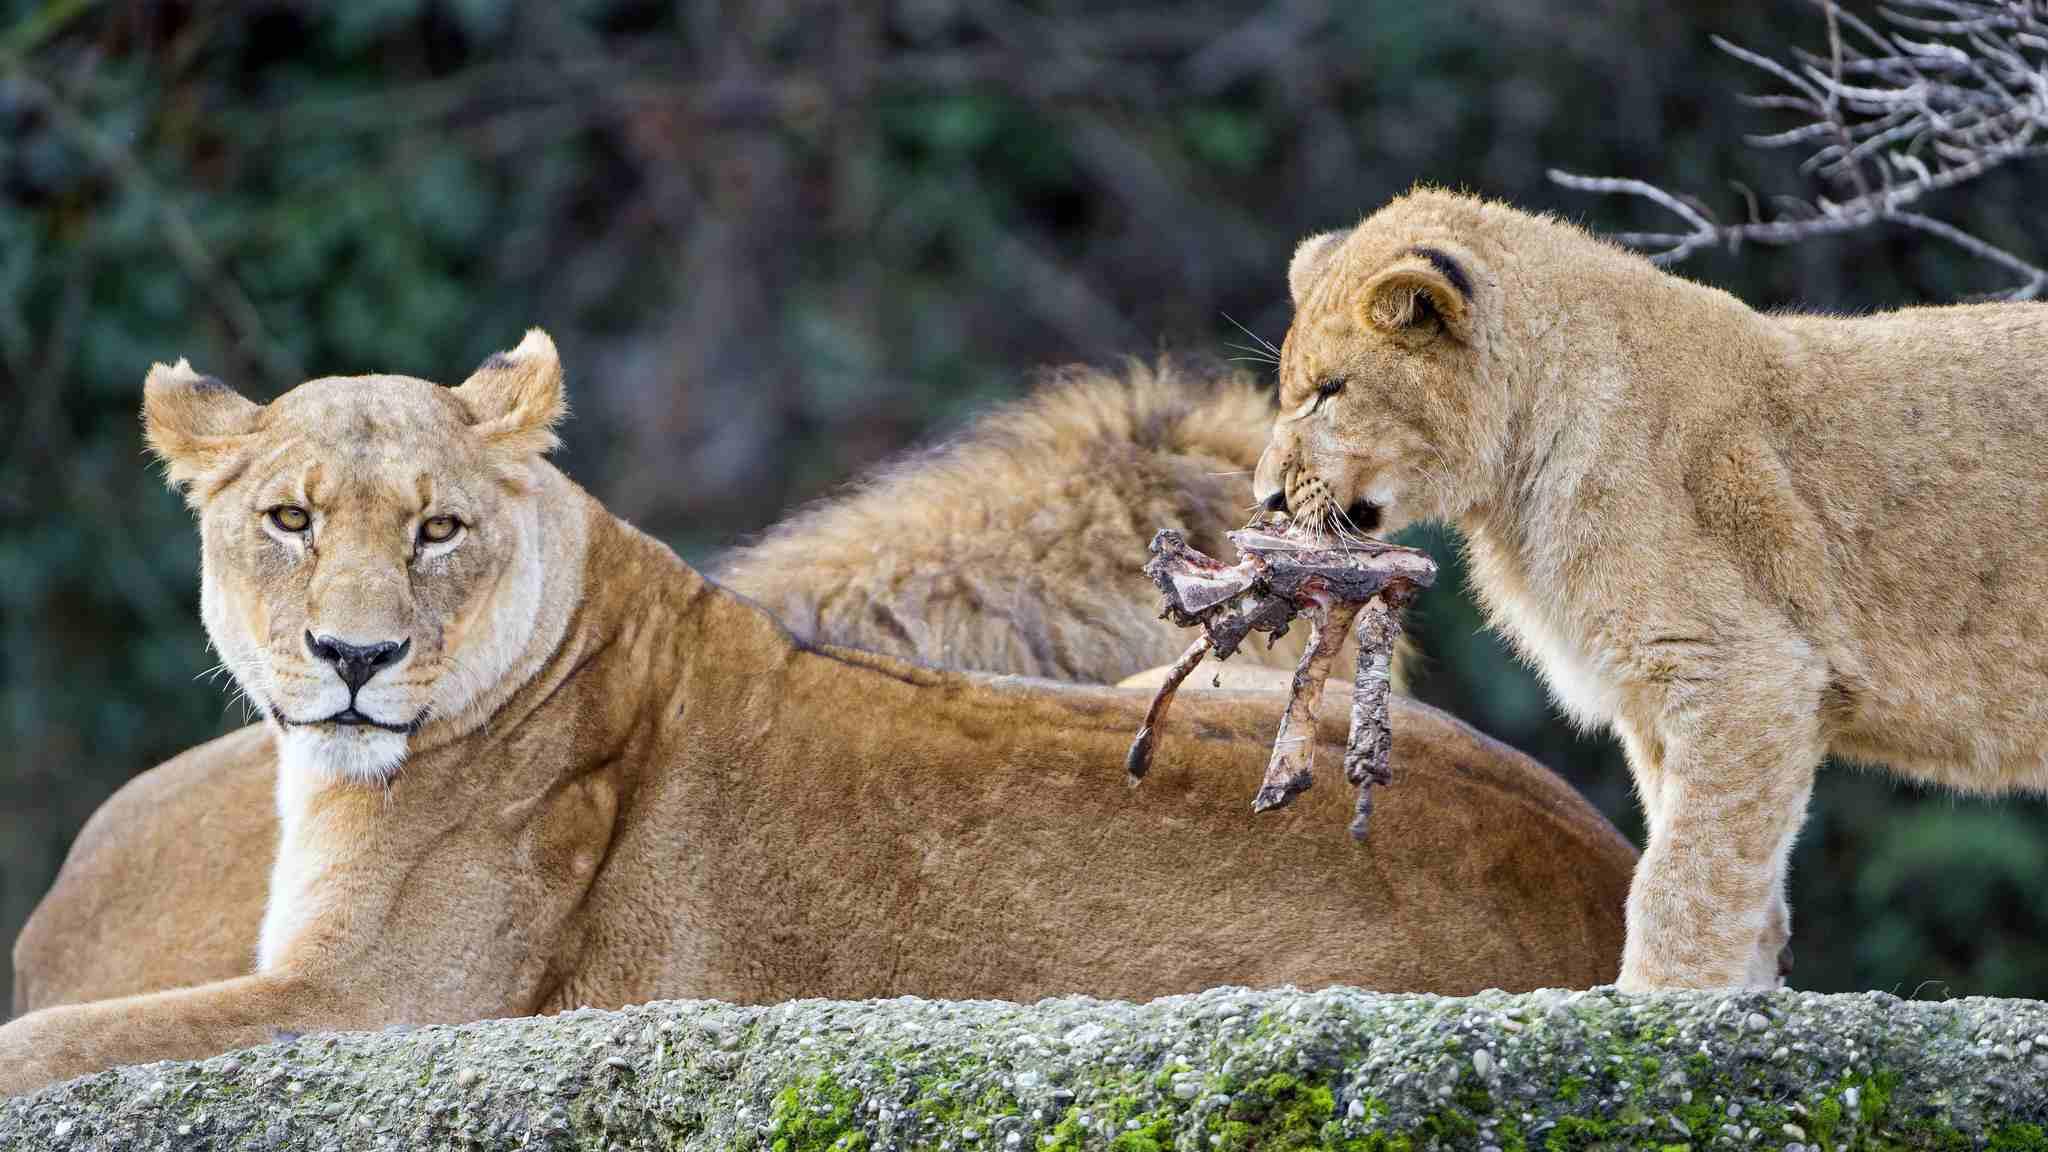 cachorro de león con presa